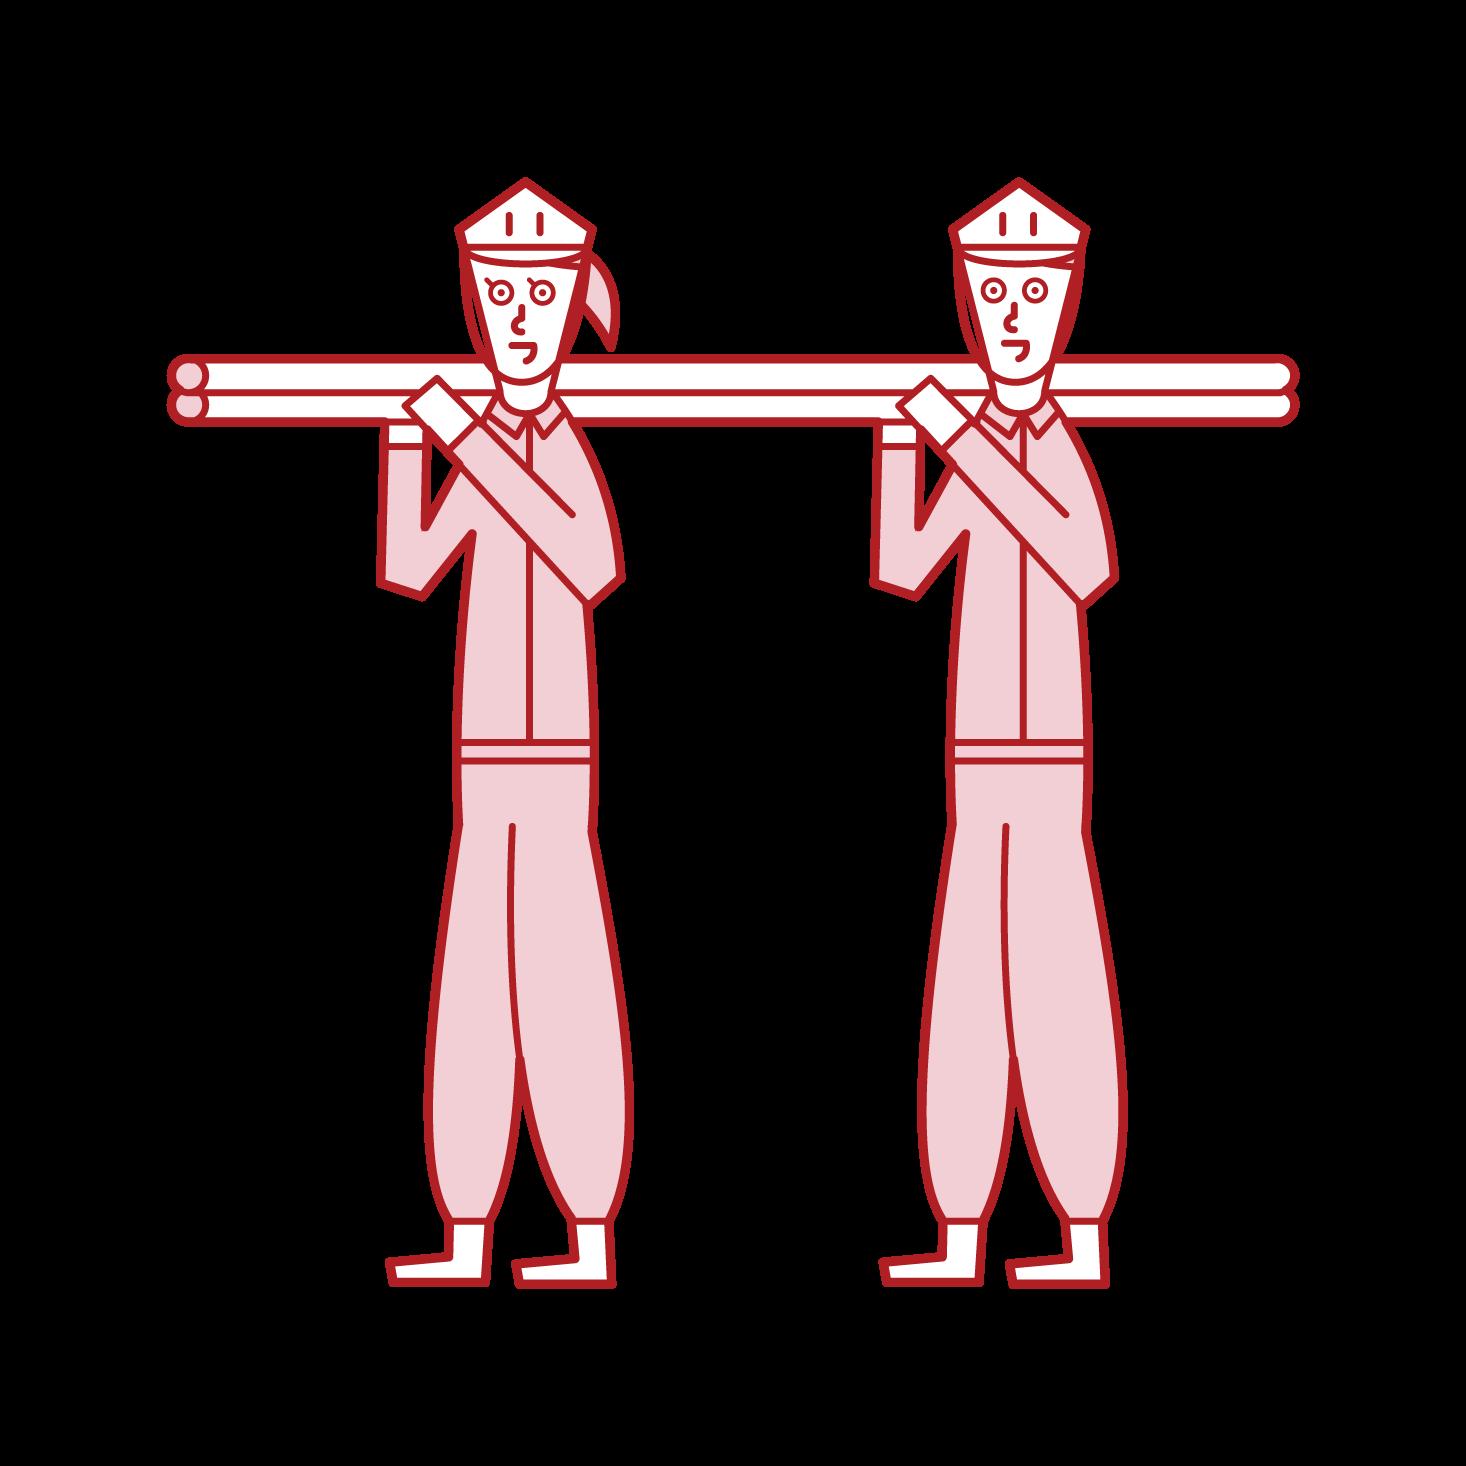 足場職人(女性)のイラスト